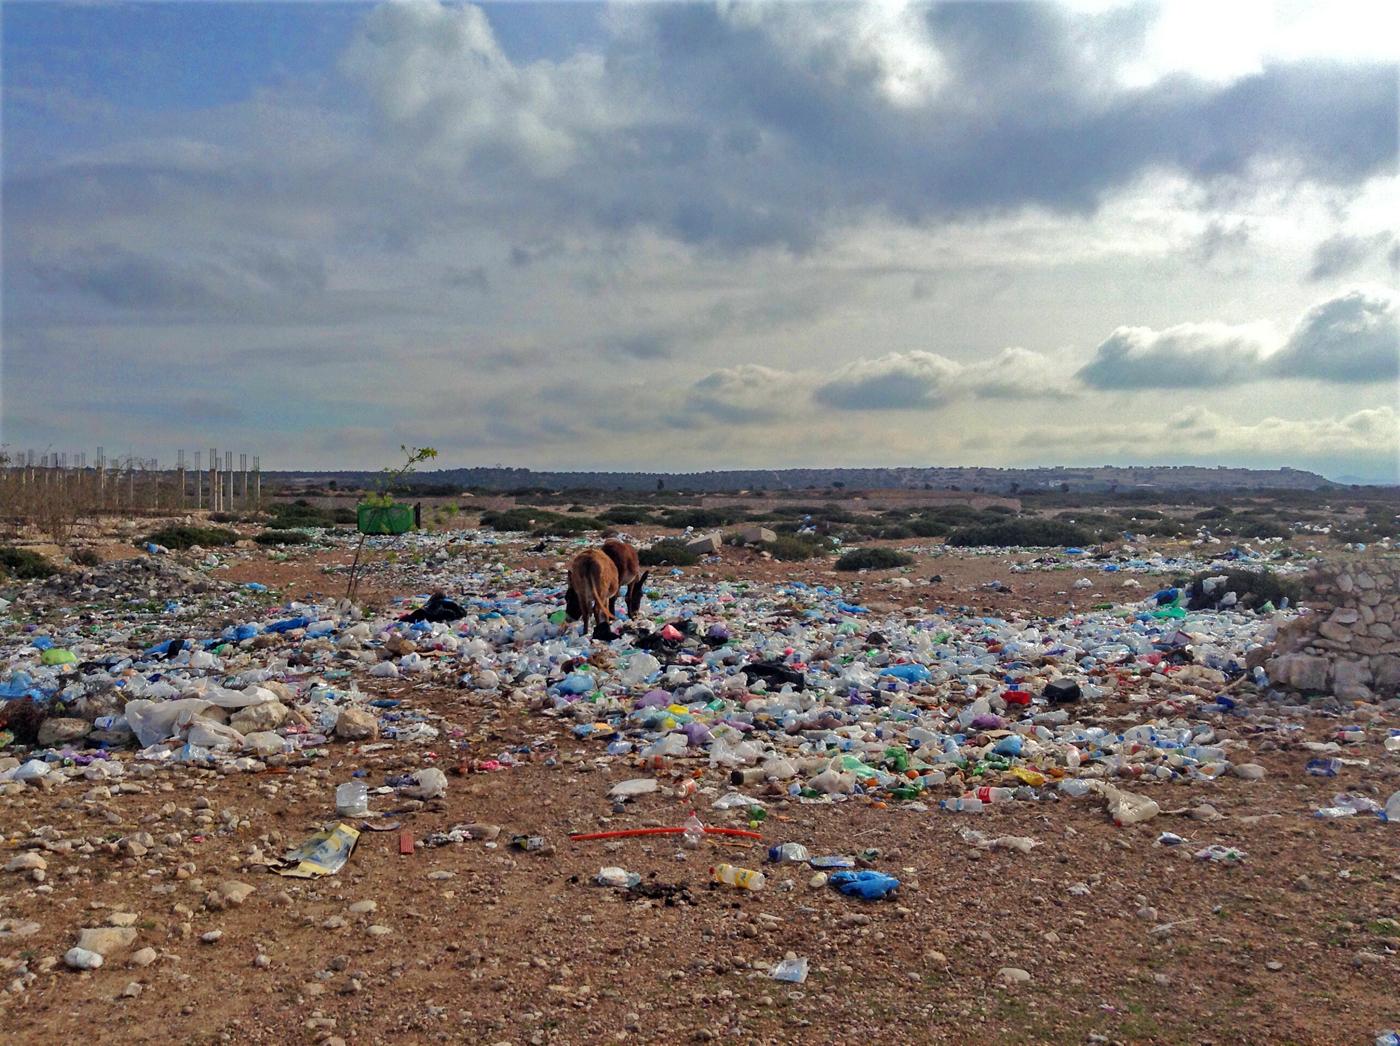 Una discarica abusiva pieni di sacchetti di plastica, Marocco (riadzany.blogspot.com)